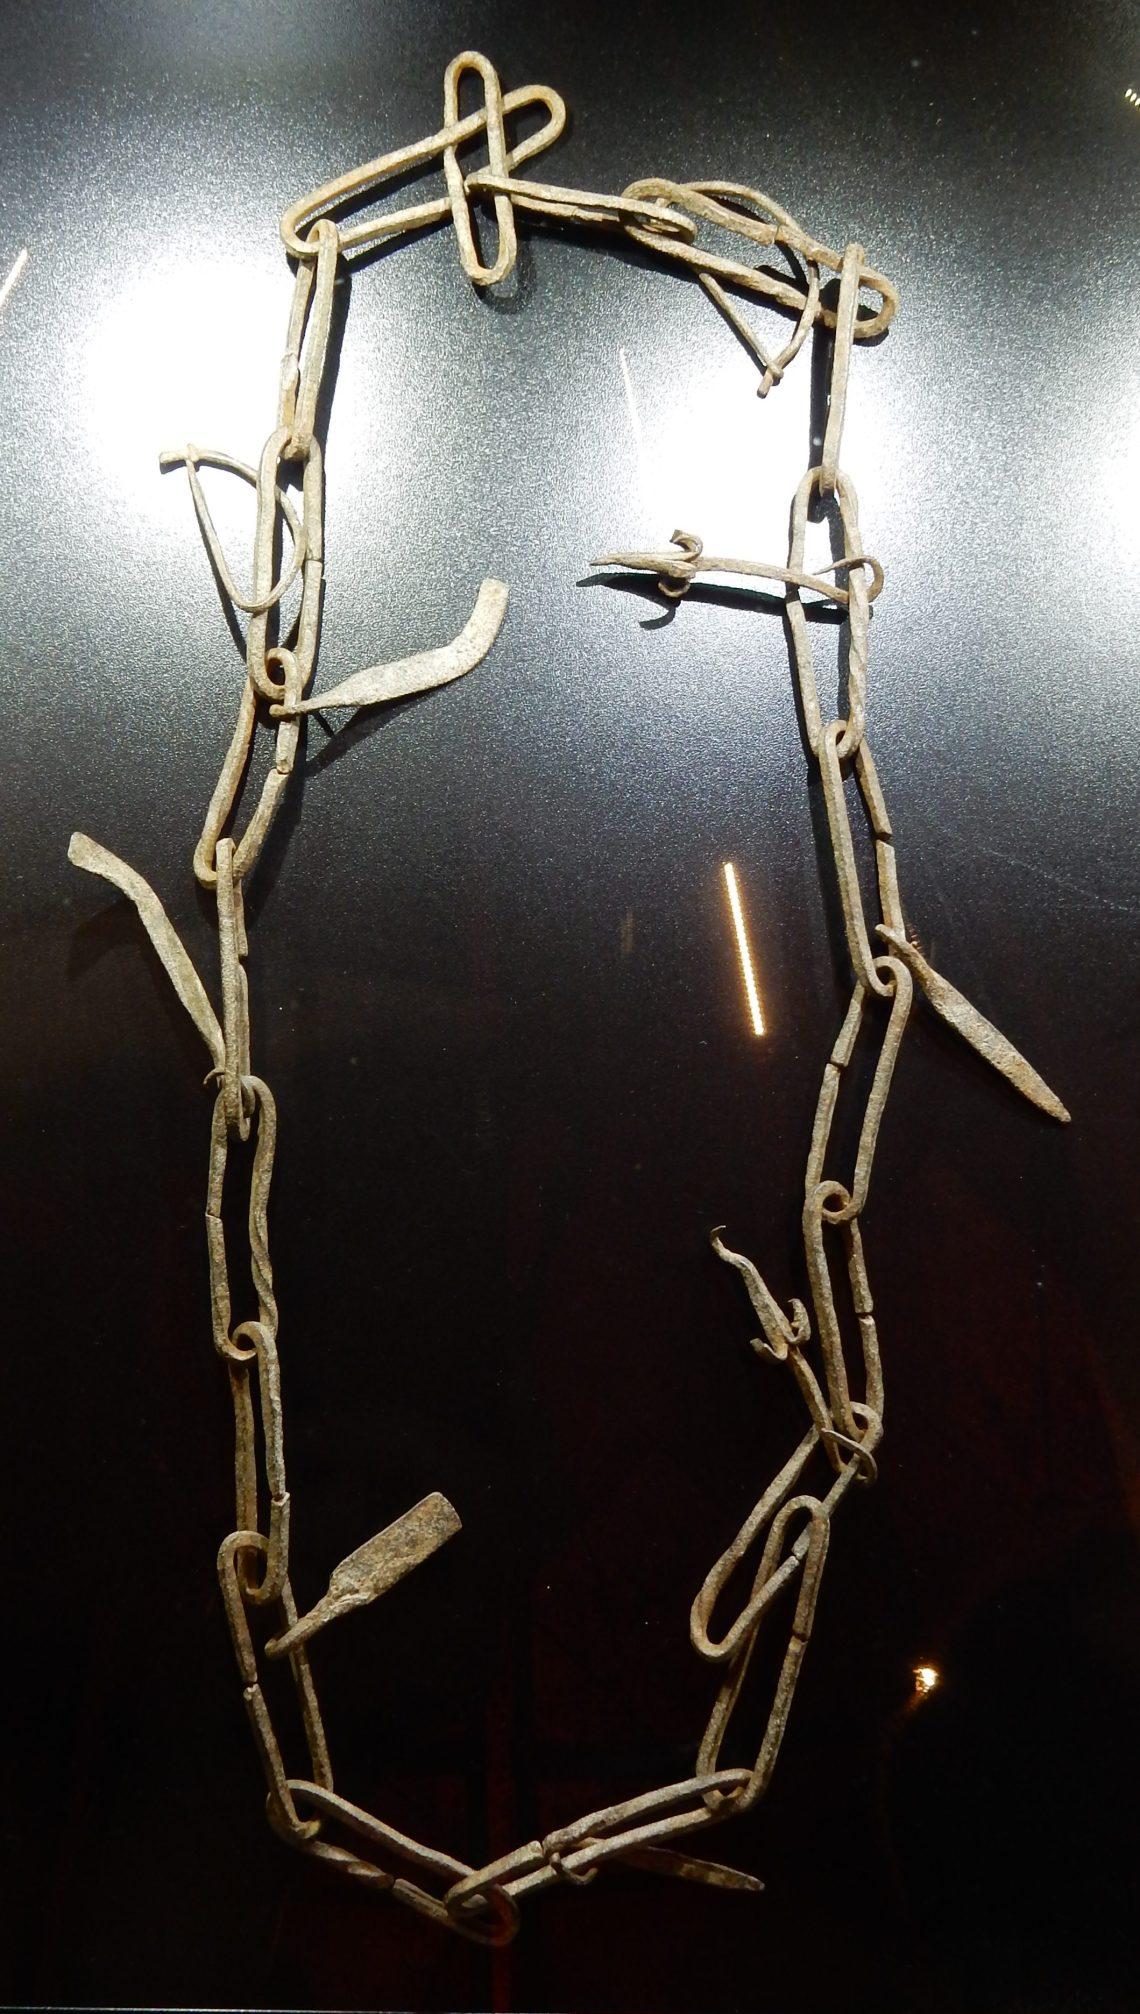 Halssieraad uit Mali. Schakels, SAF 2018, Collectie Threes Moolhuysen-Coenders. Foto Esther Doornbusch, november 2018©